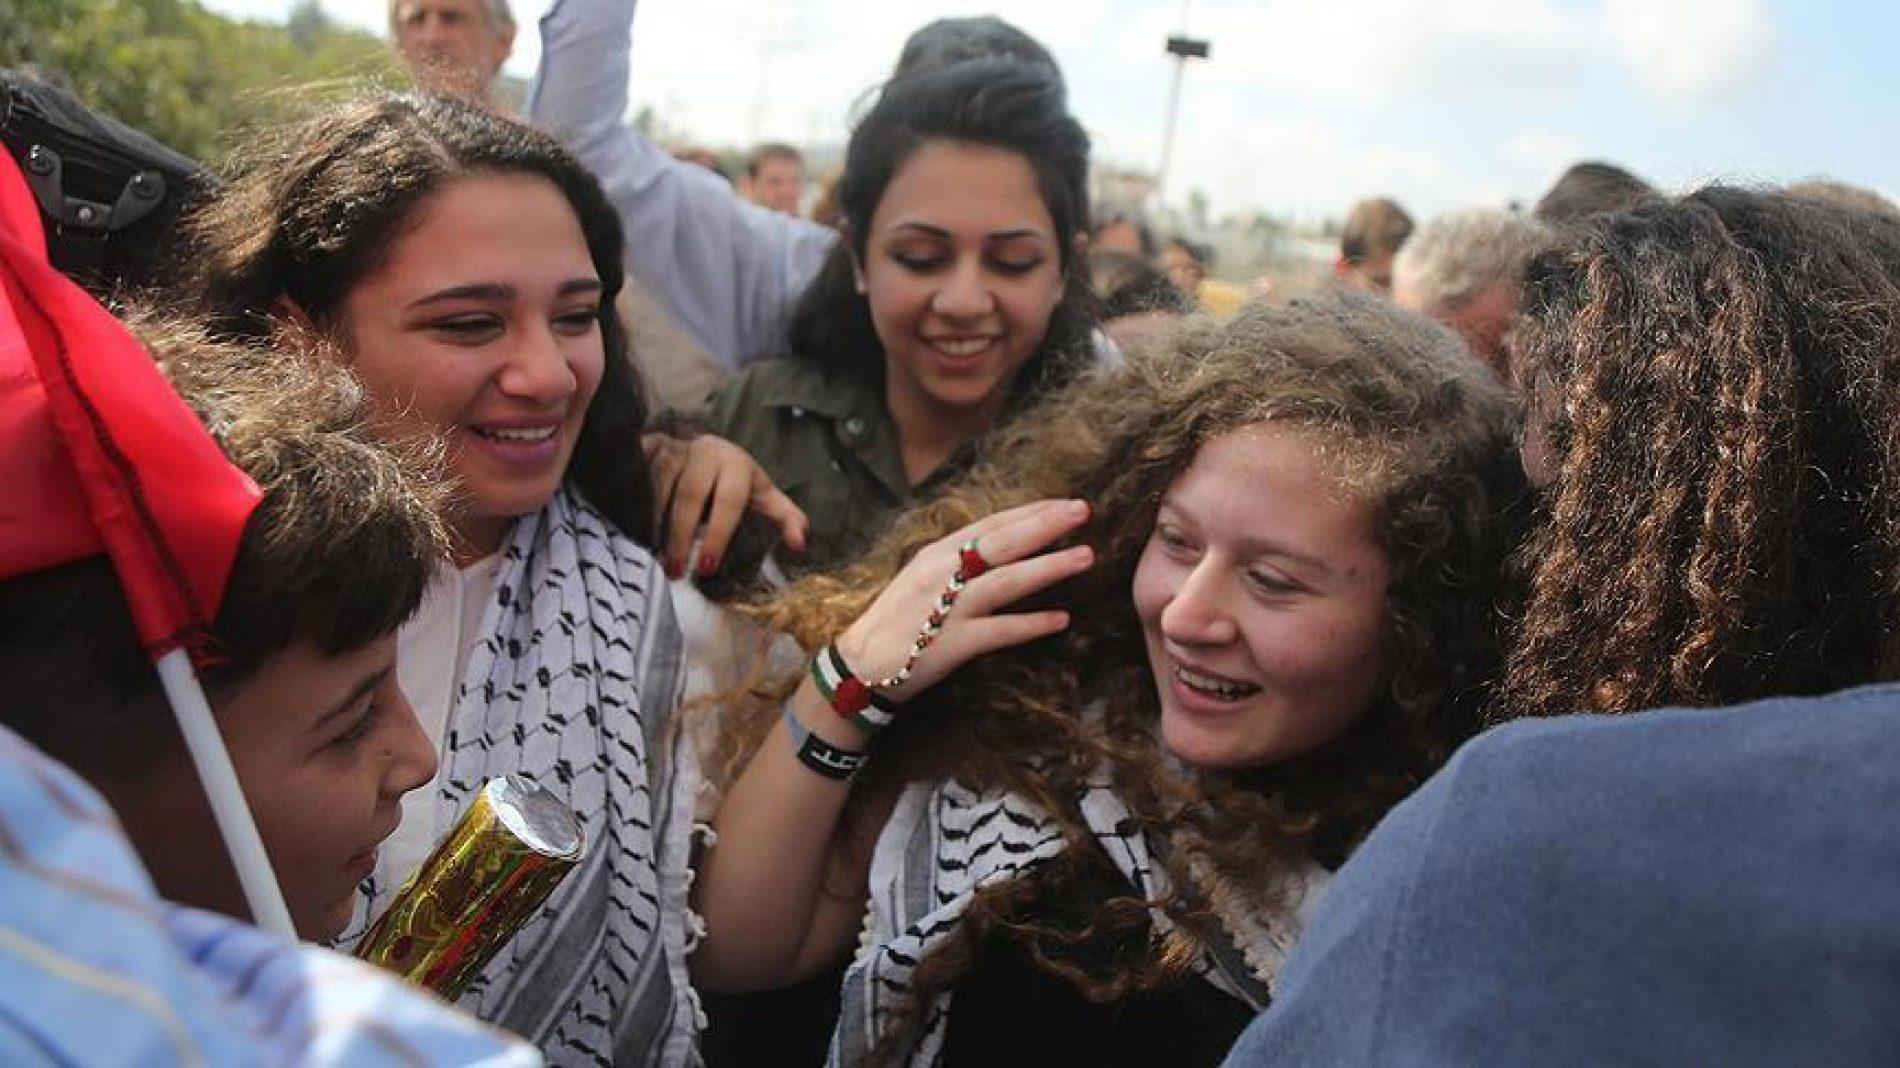 Ahed Tamimi – simbol palestinskog otpora okupaciji, puštena iz izraelskog zatvora